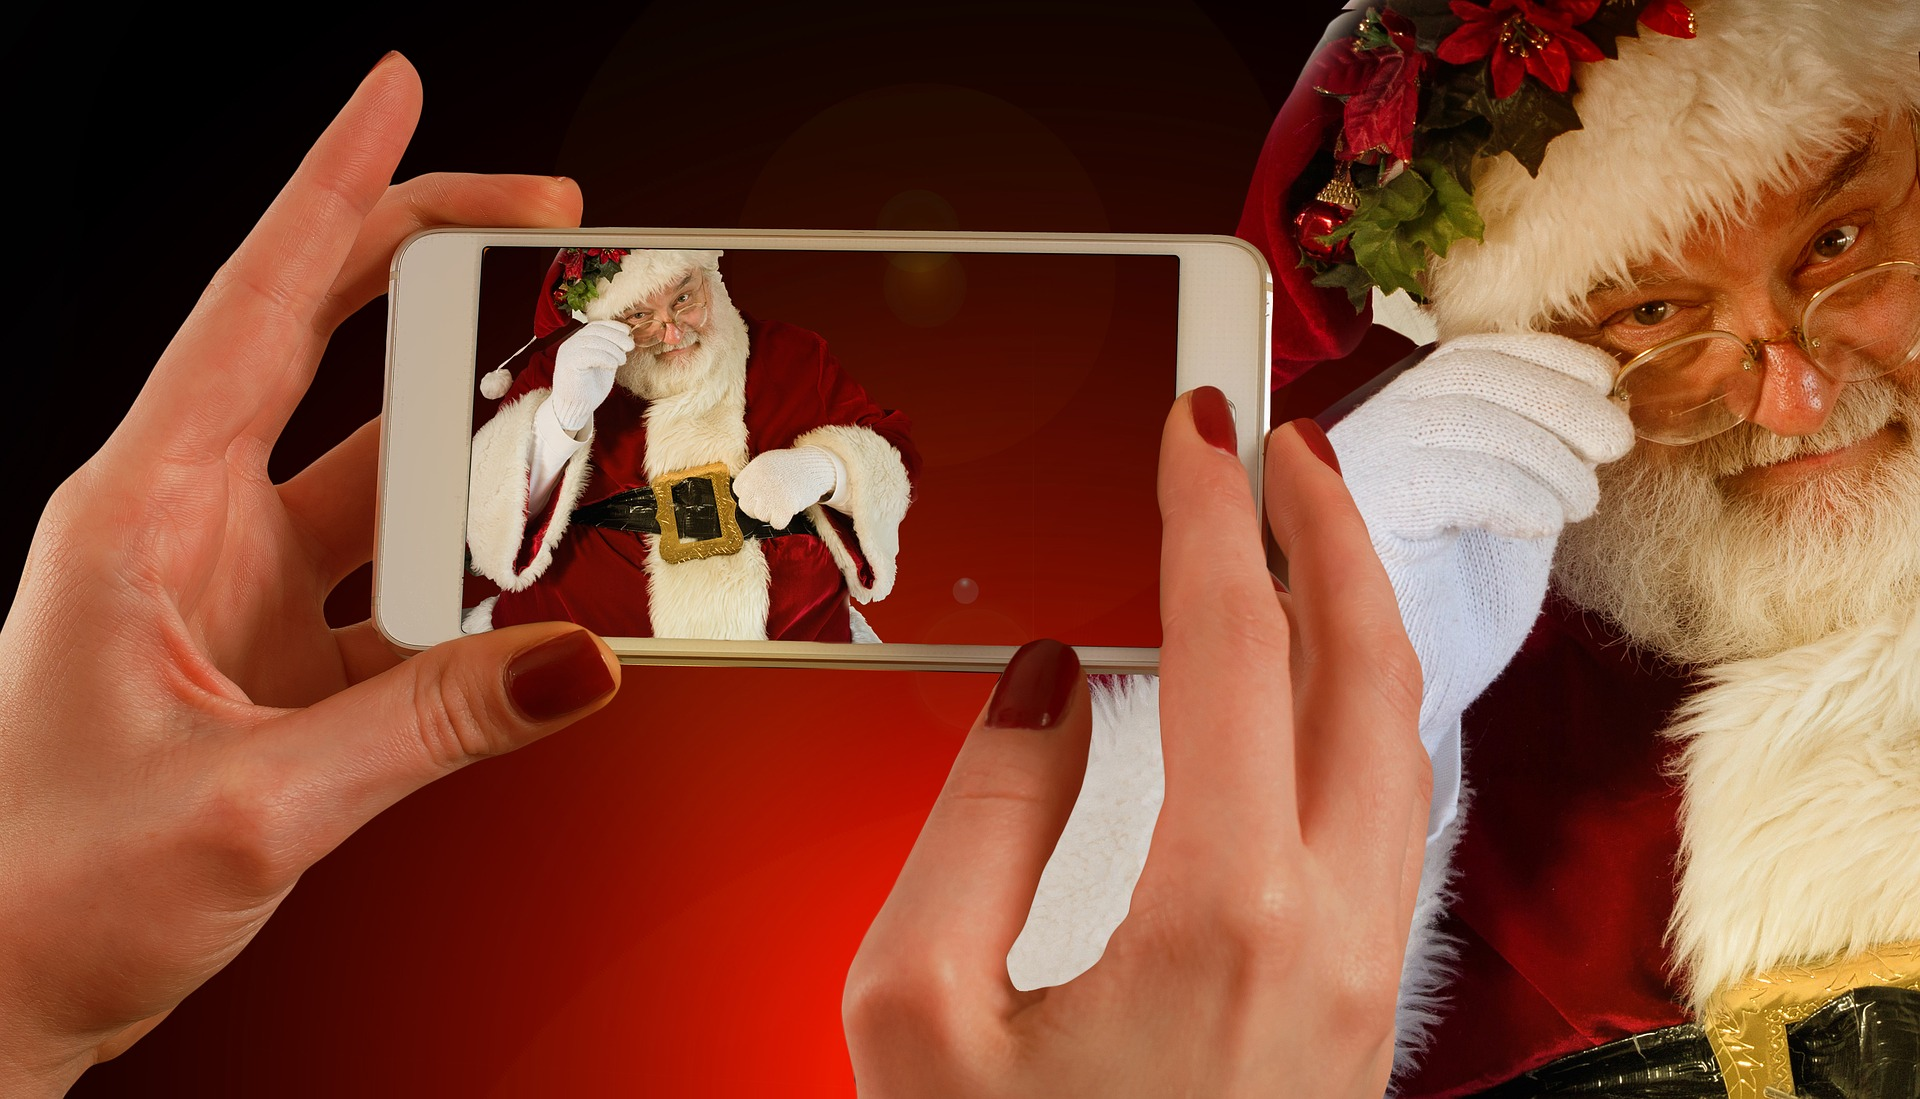 Jak uniknąć błędów przy wysyłce kampanii świątecznej?